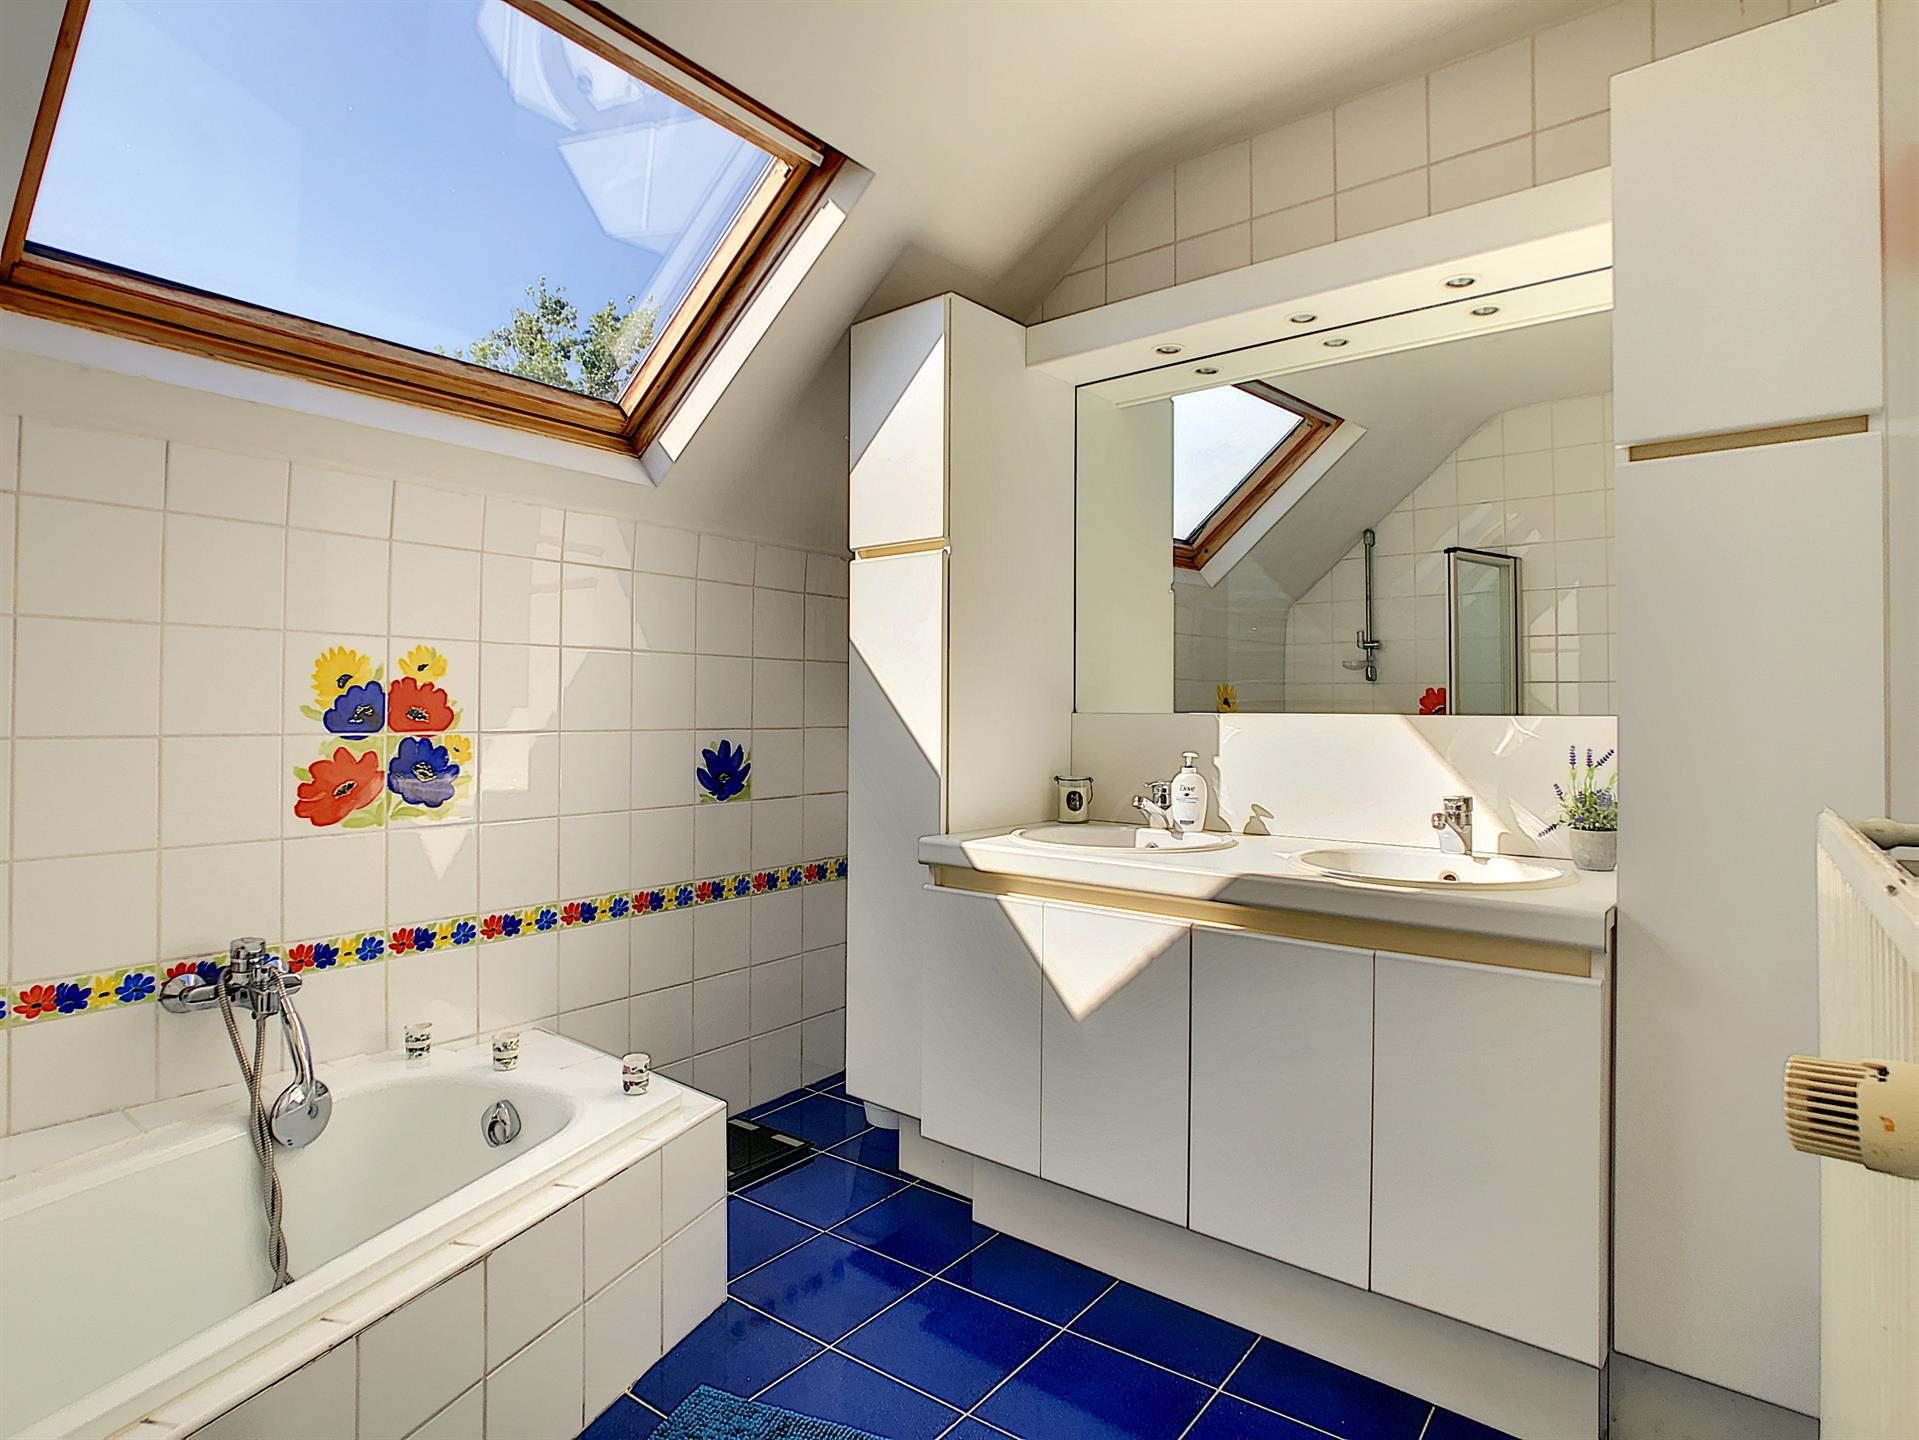 Bel-étage - Wemmel - #4080122-10